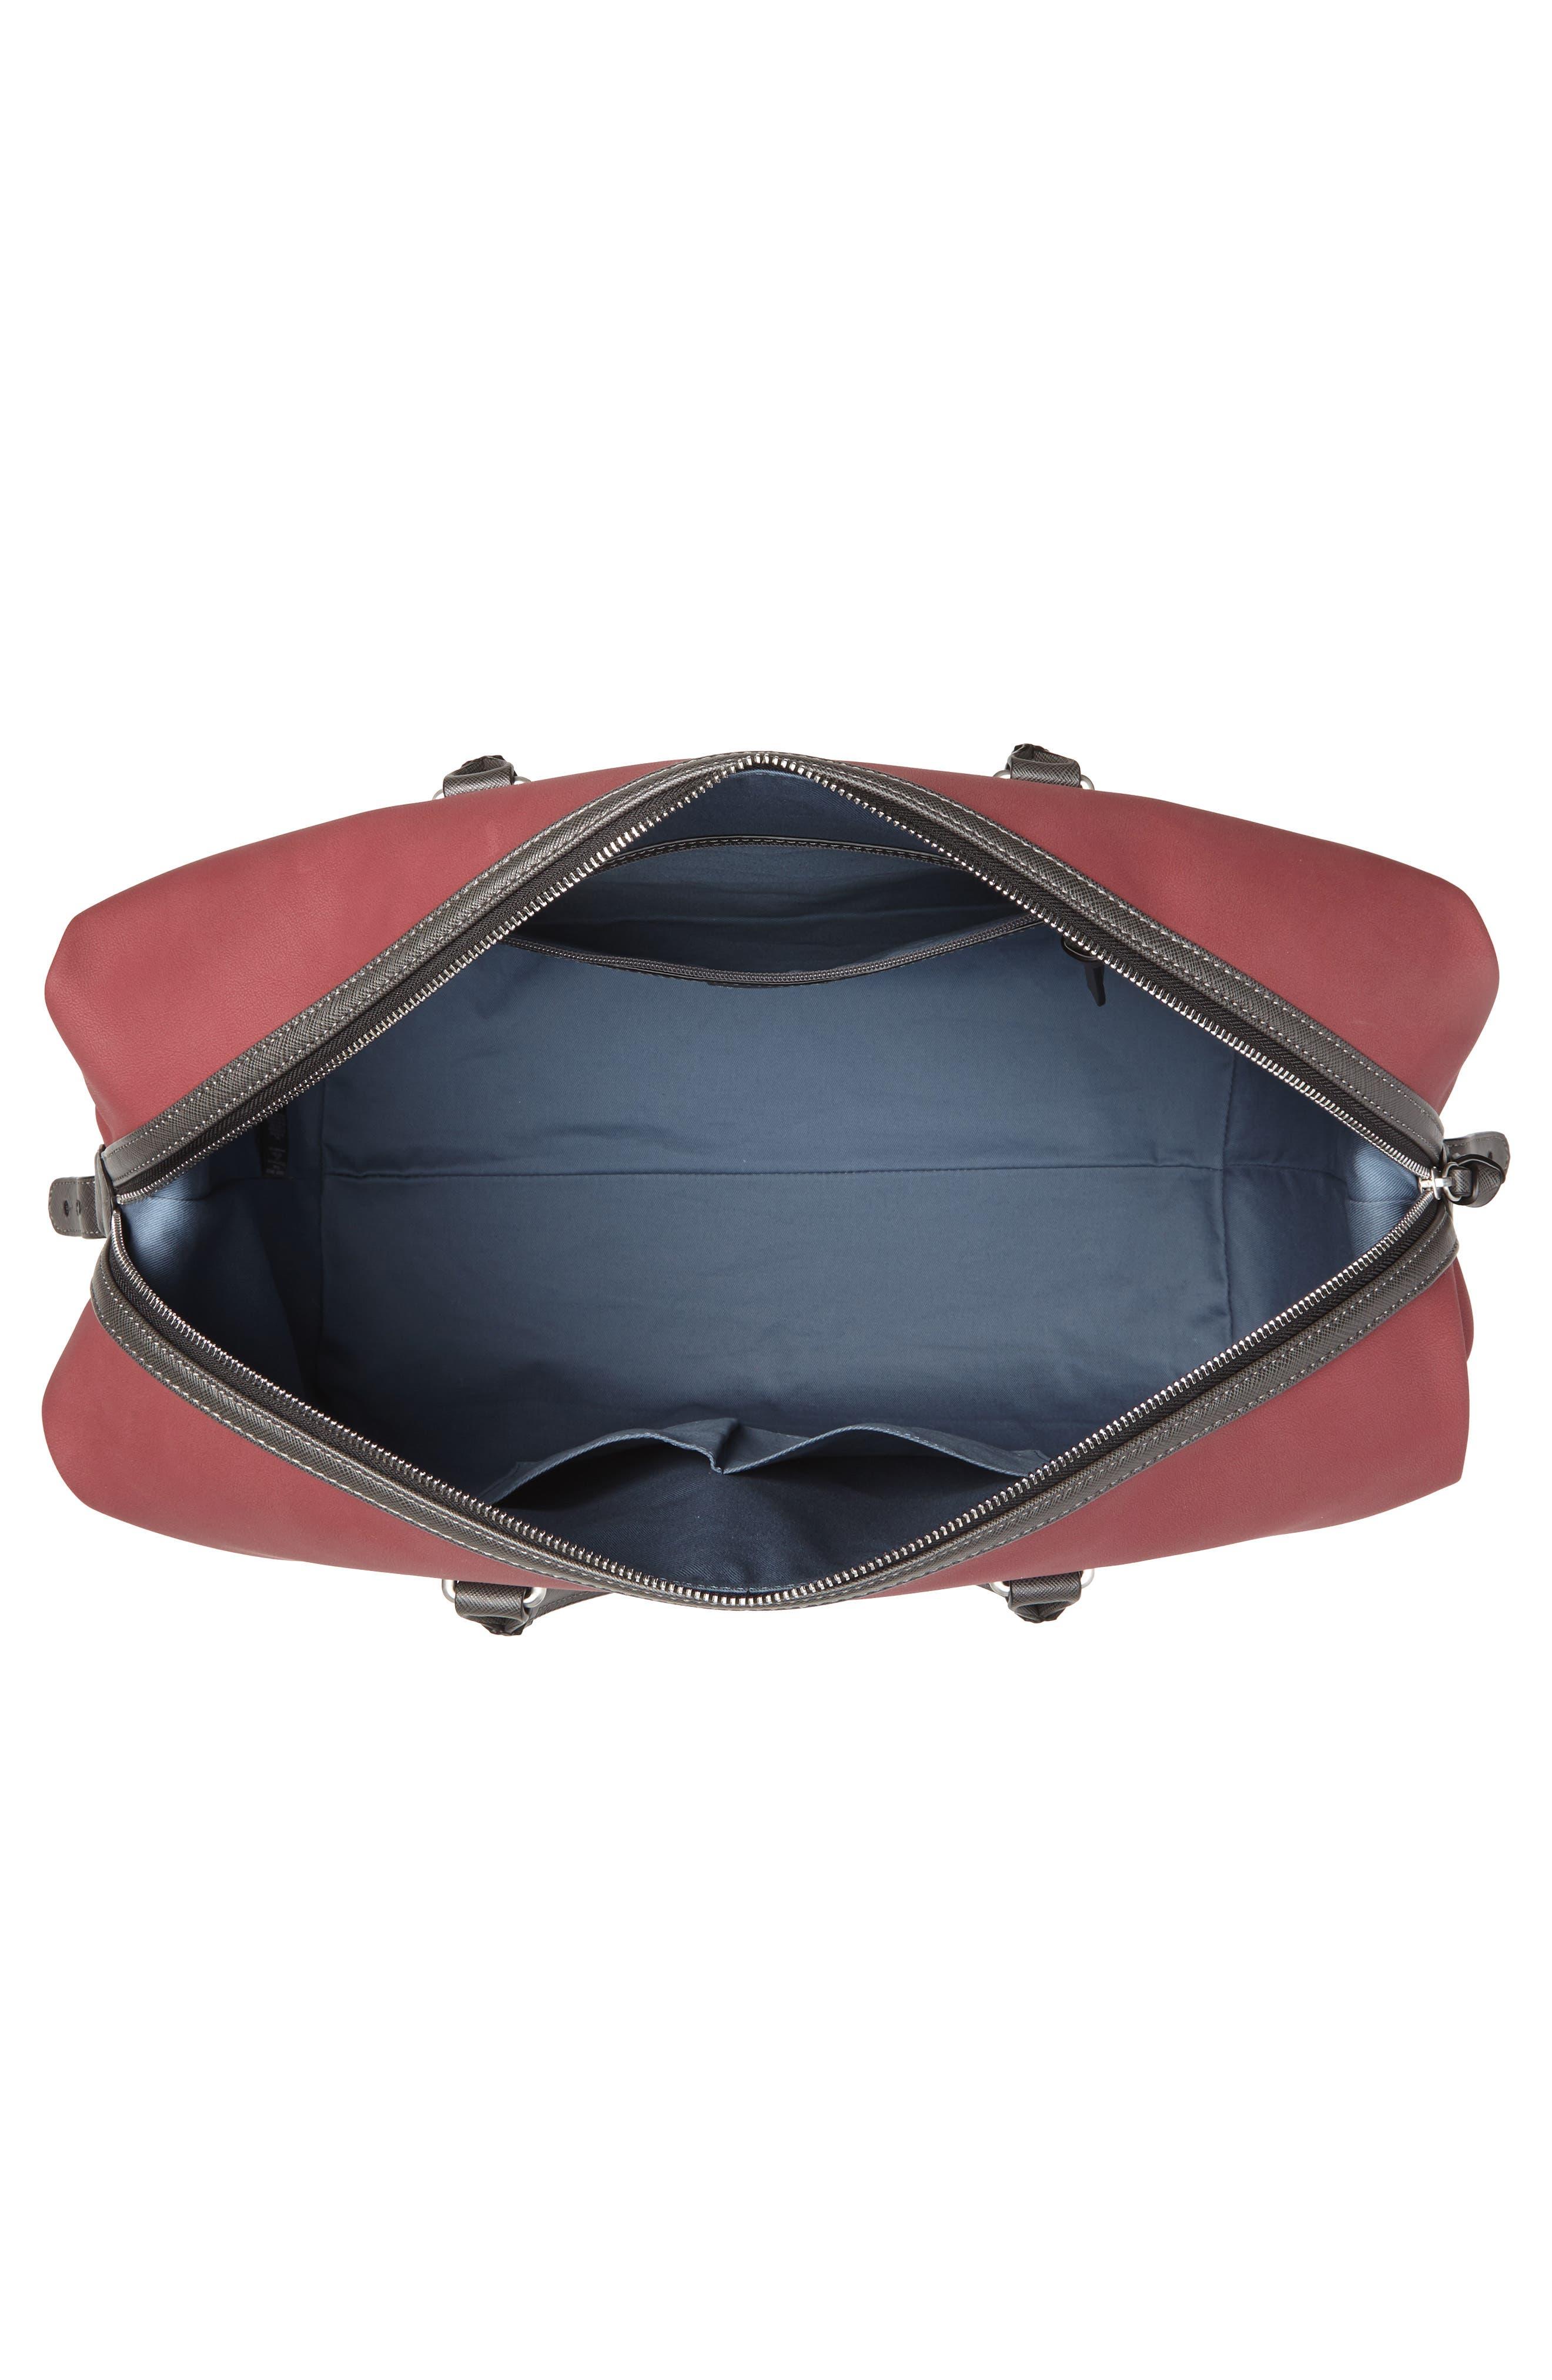 Swipes Duffel Bag,                             Alternate thumbnail 4, color,                             RED